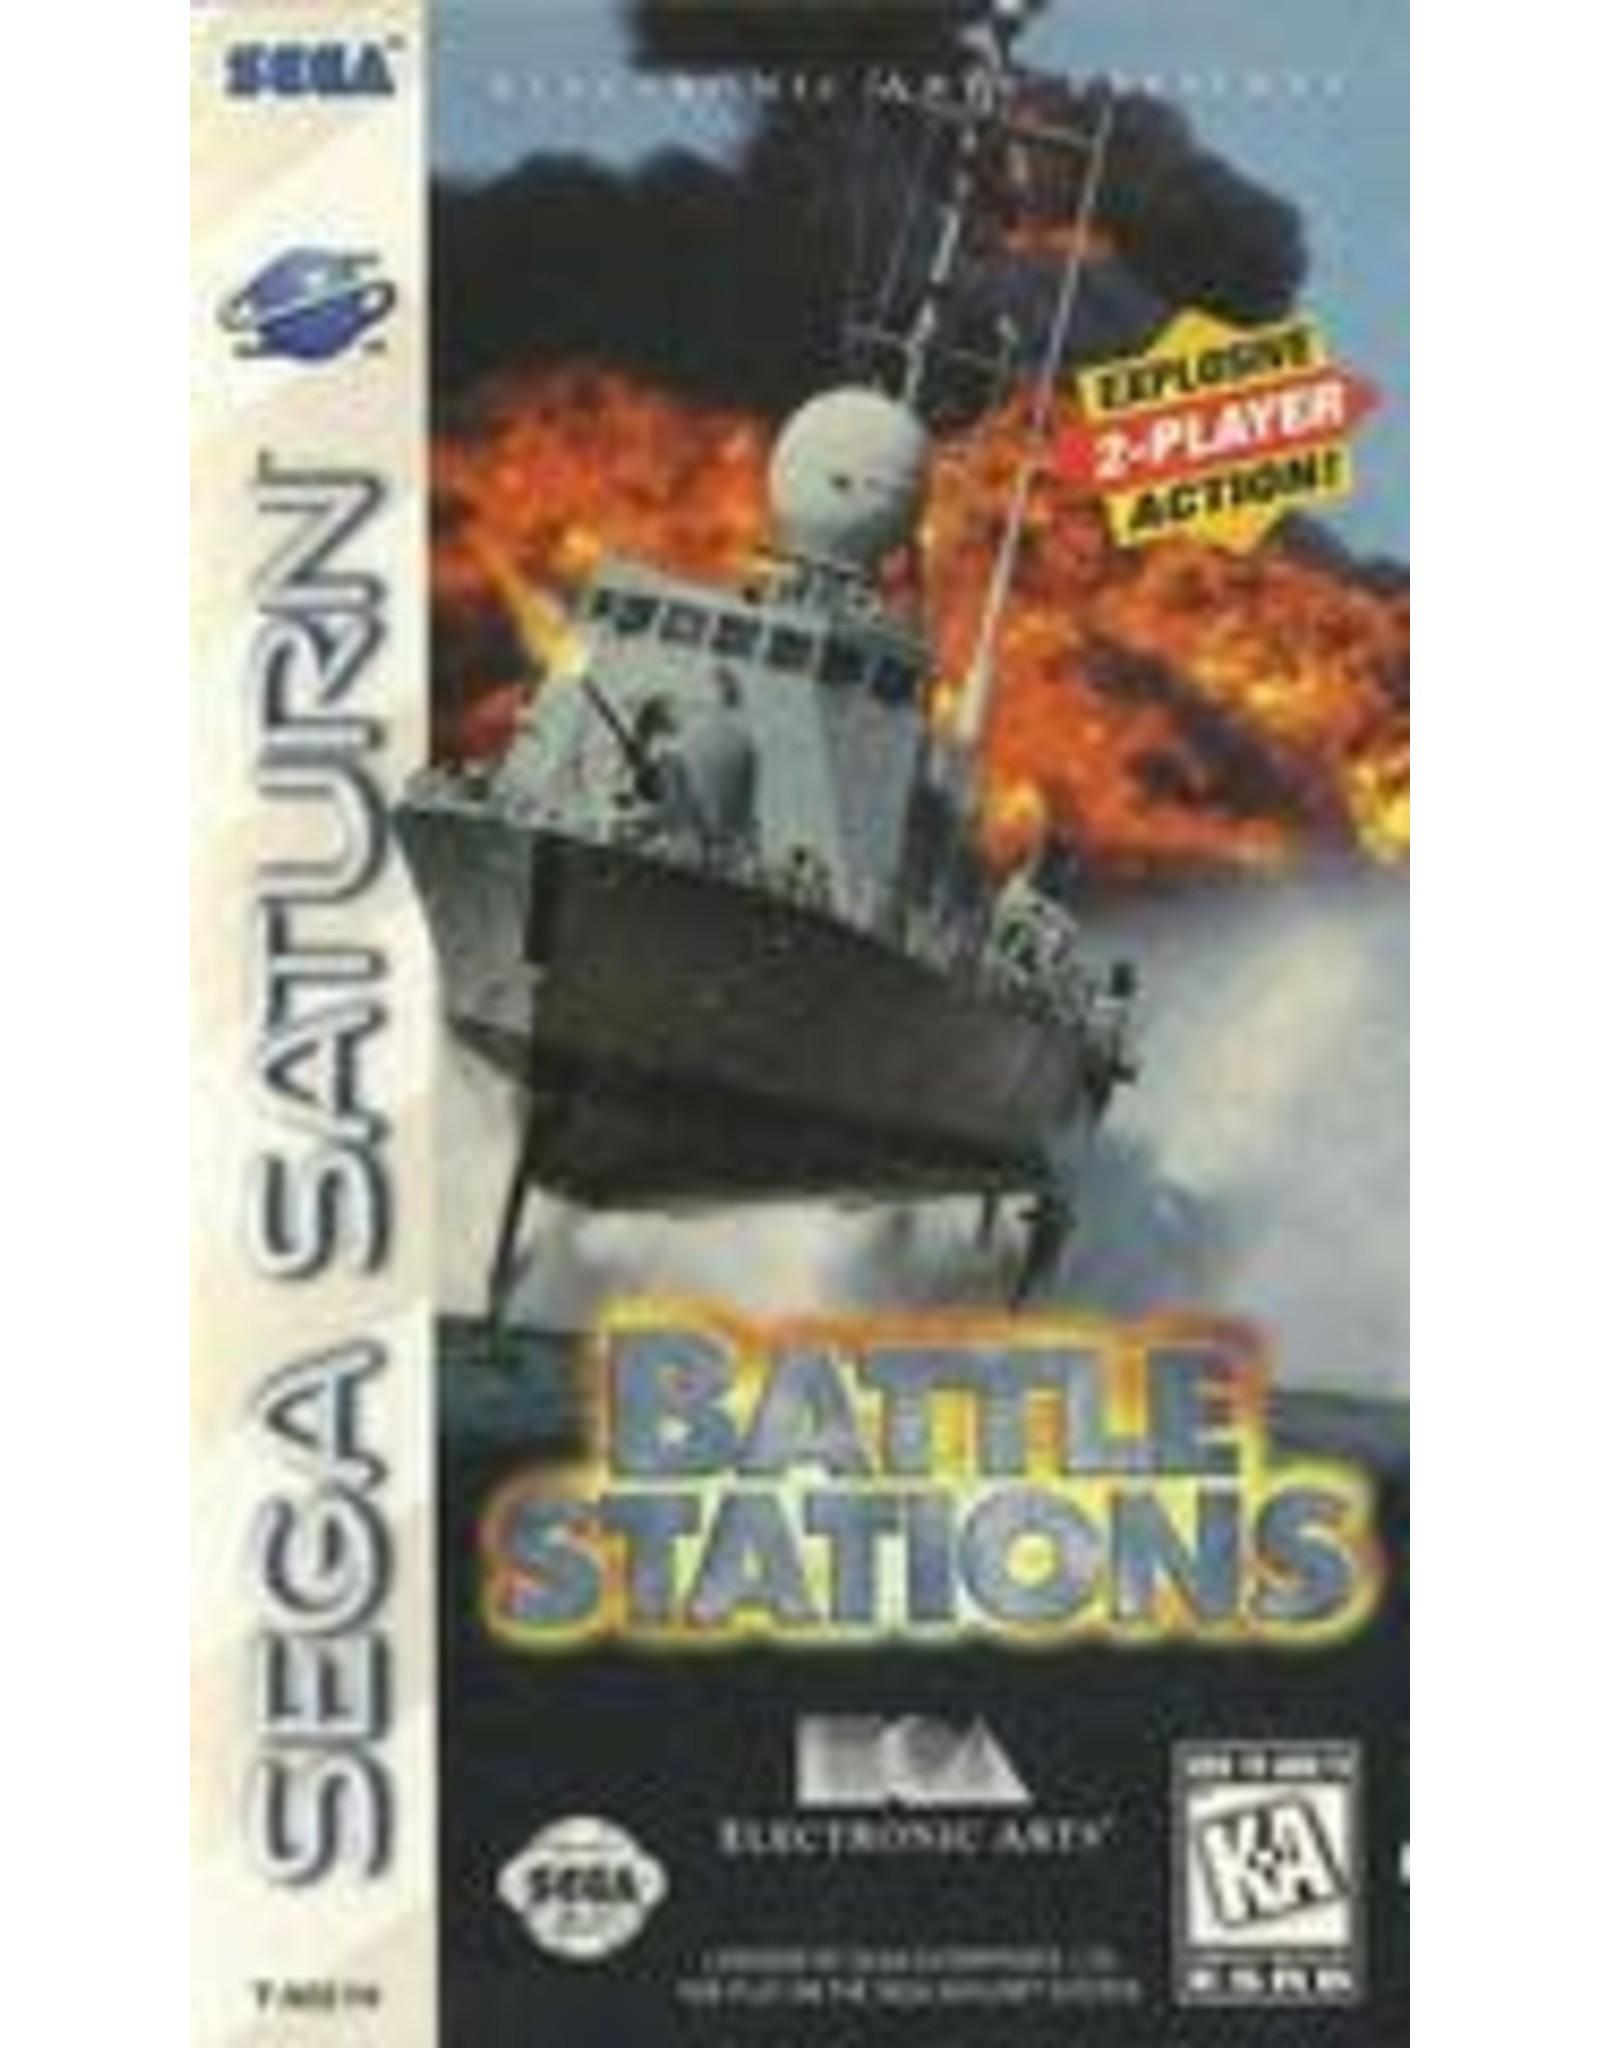 Sega Saturn Battlestations (CiB, Damaged Case)